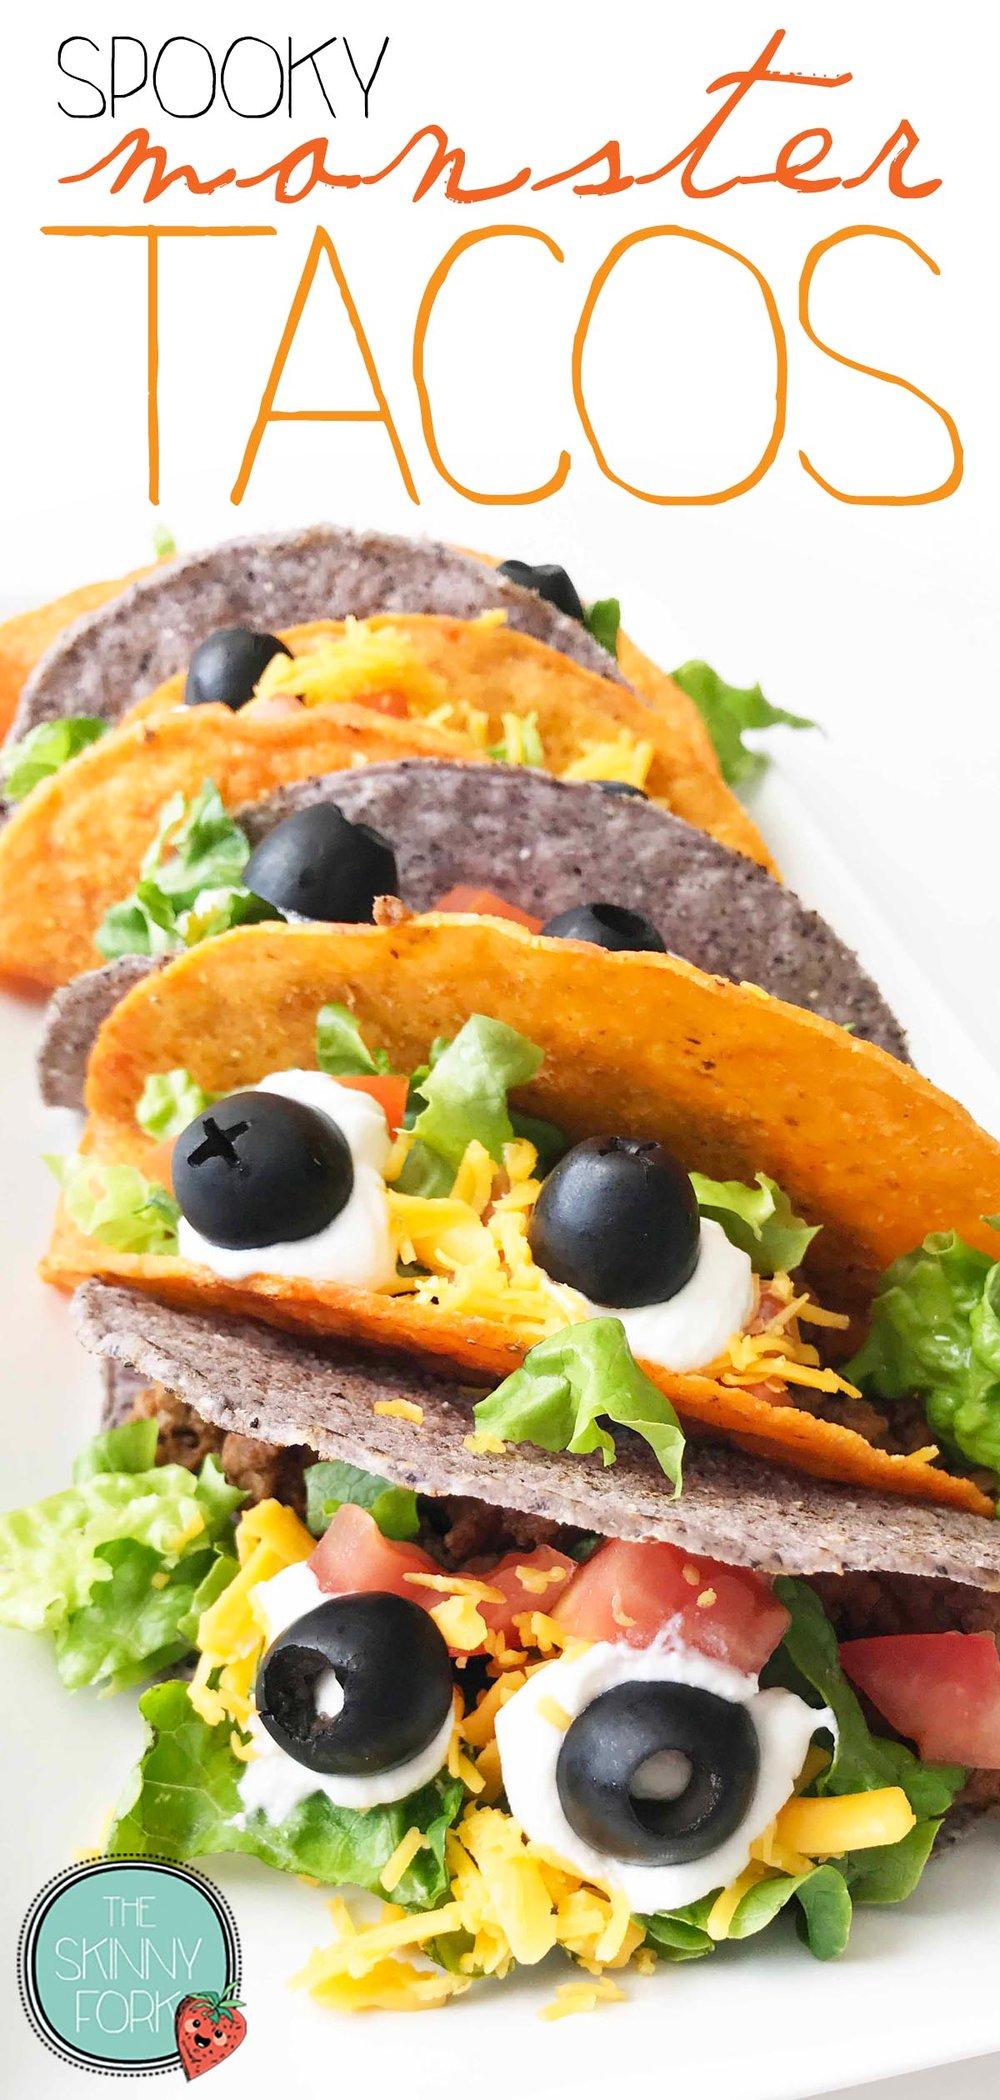 monster-tacos-pin.jpg